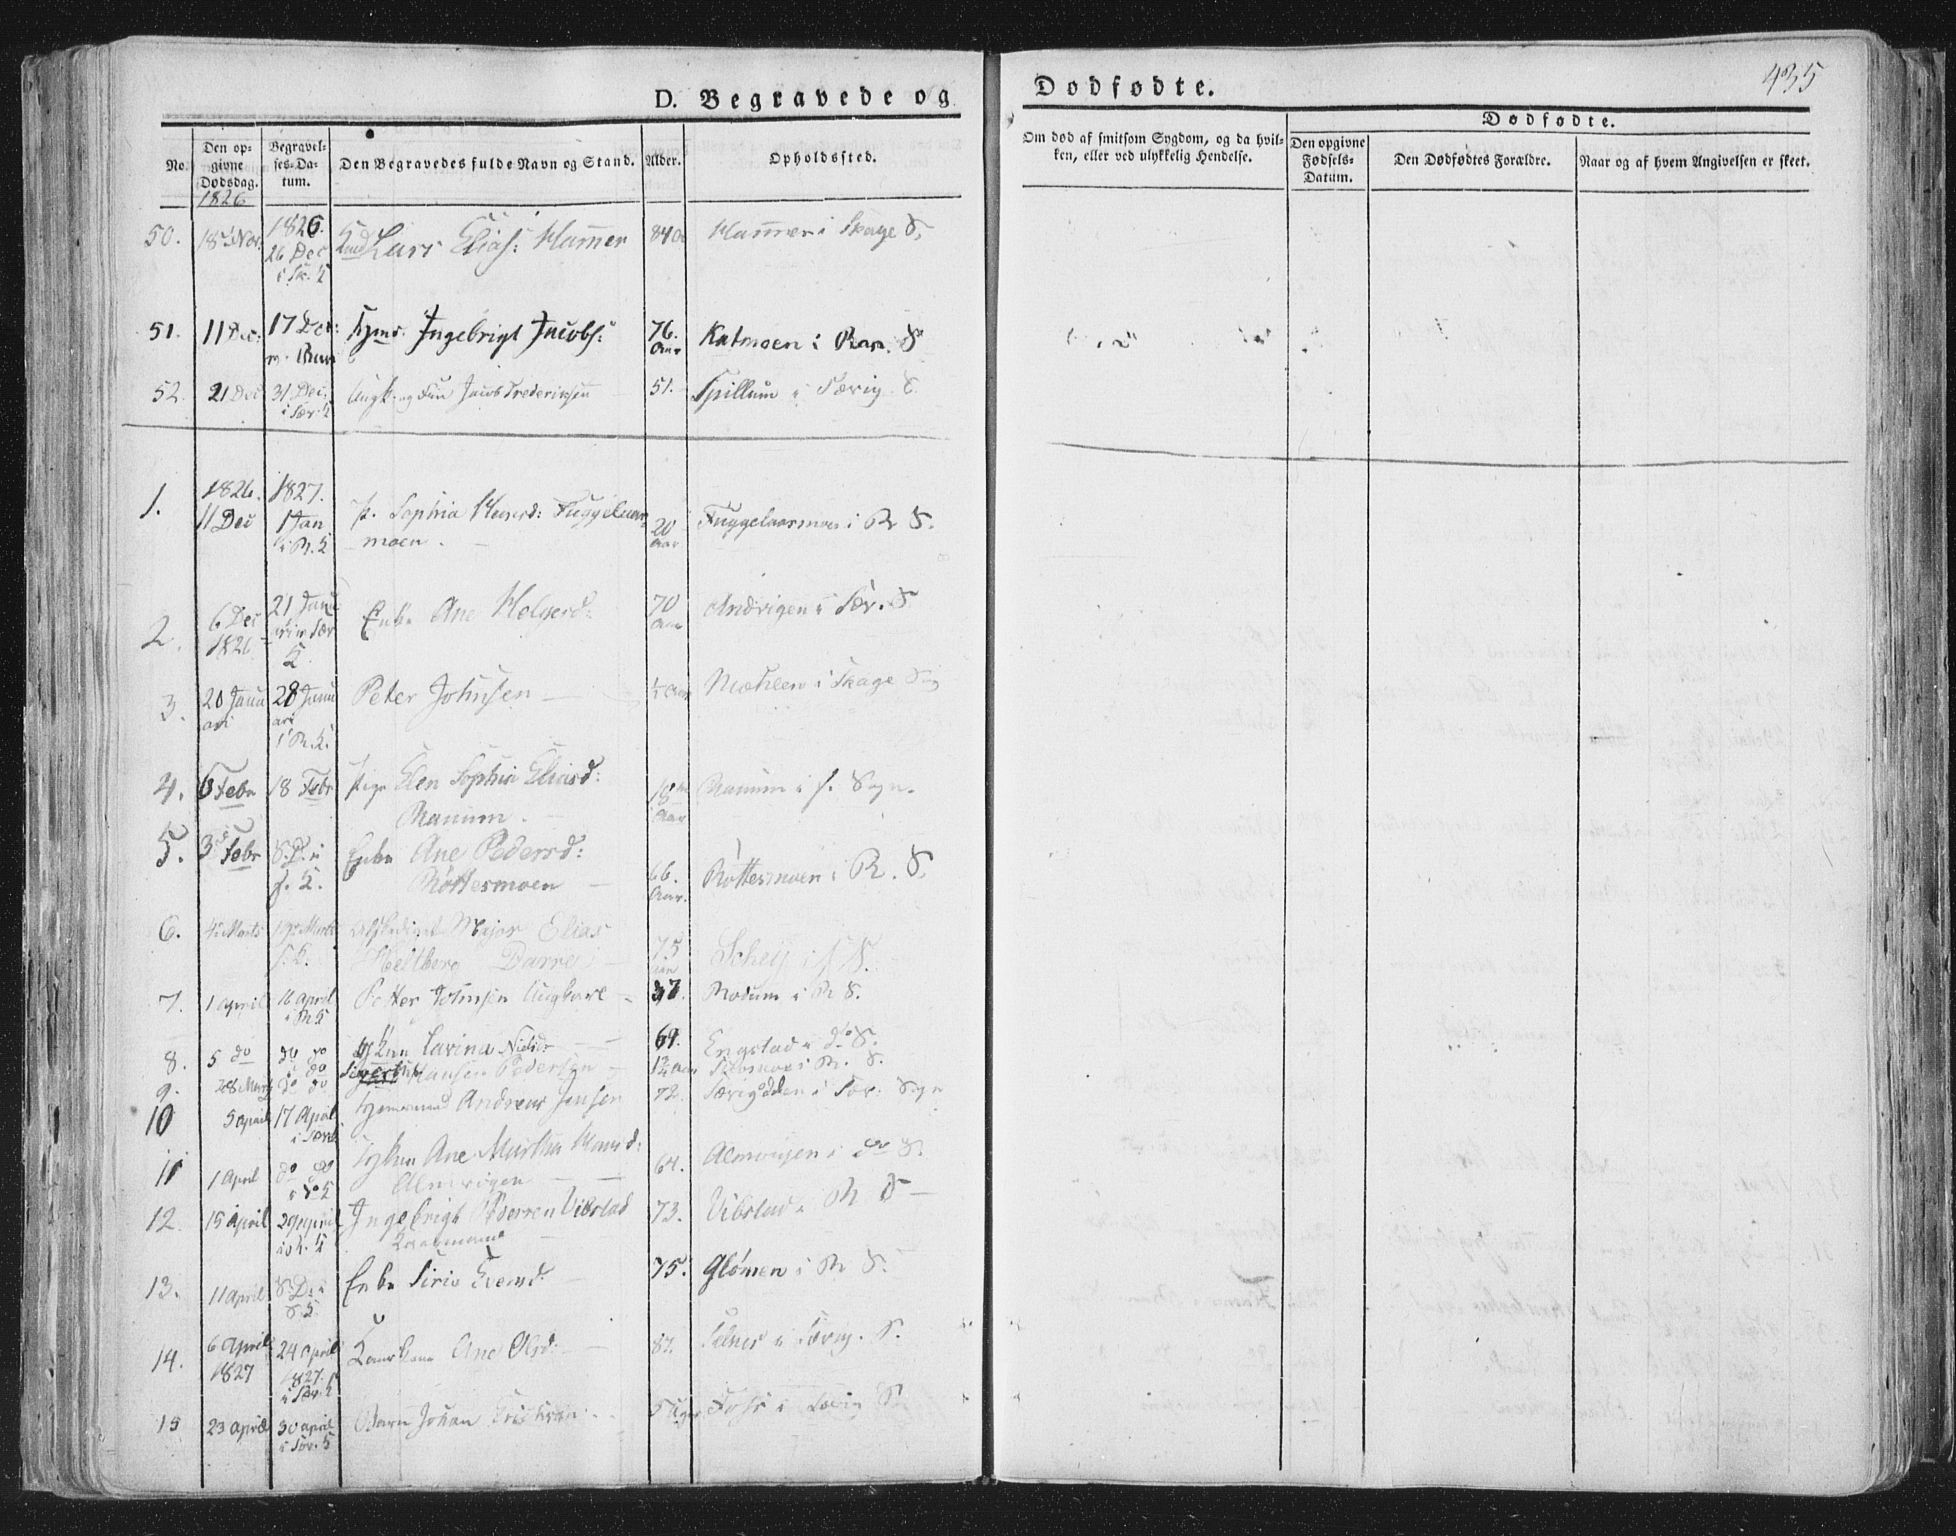 SAT, Ministerialprotokoller, klokkerbøker og fødselsregistre - Nord-Trøndelag, 764/L0552: Ministerialbok nr. 764A07b, 1824-1865, s. 435